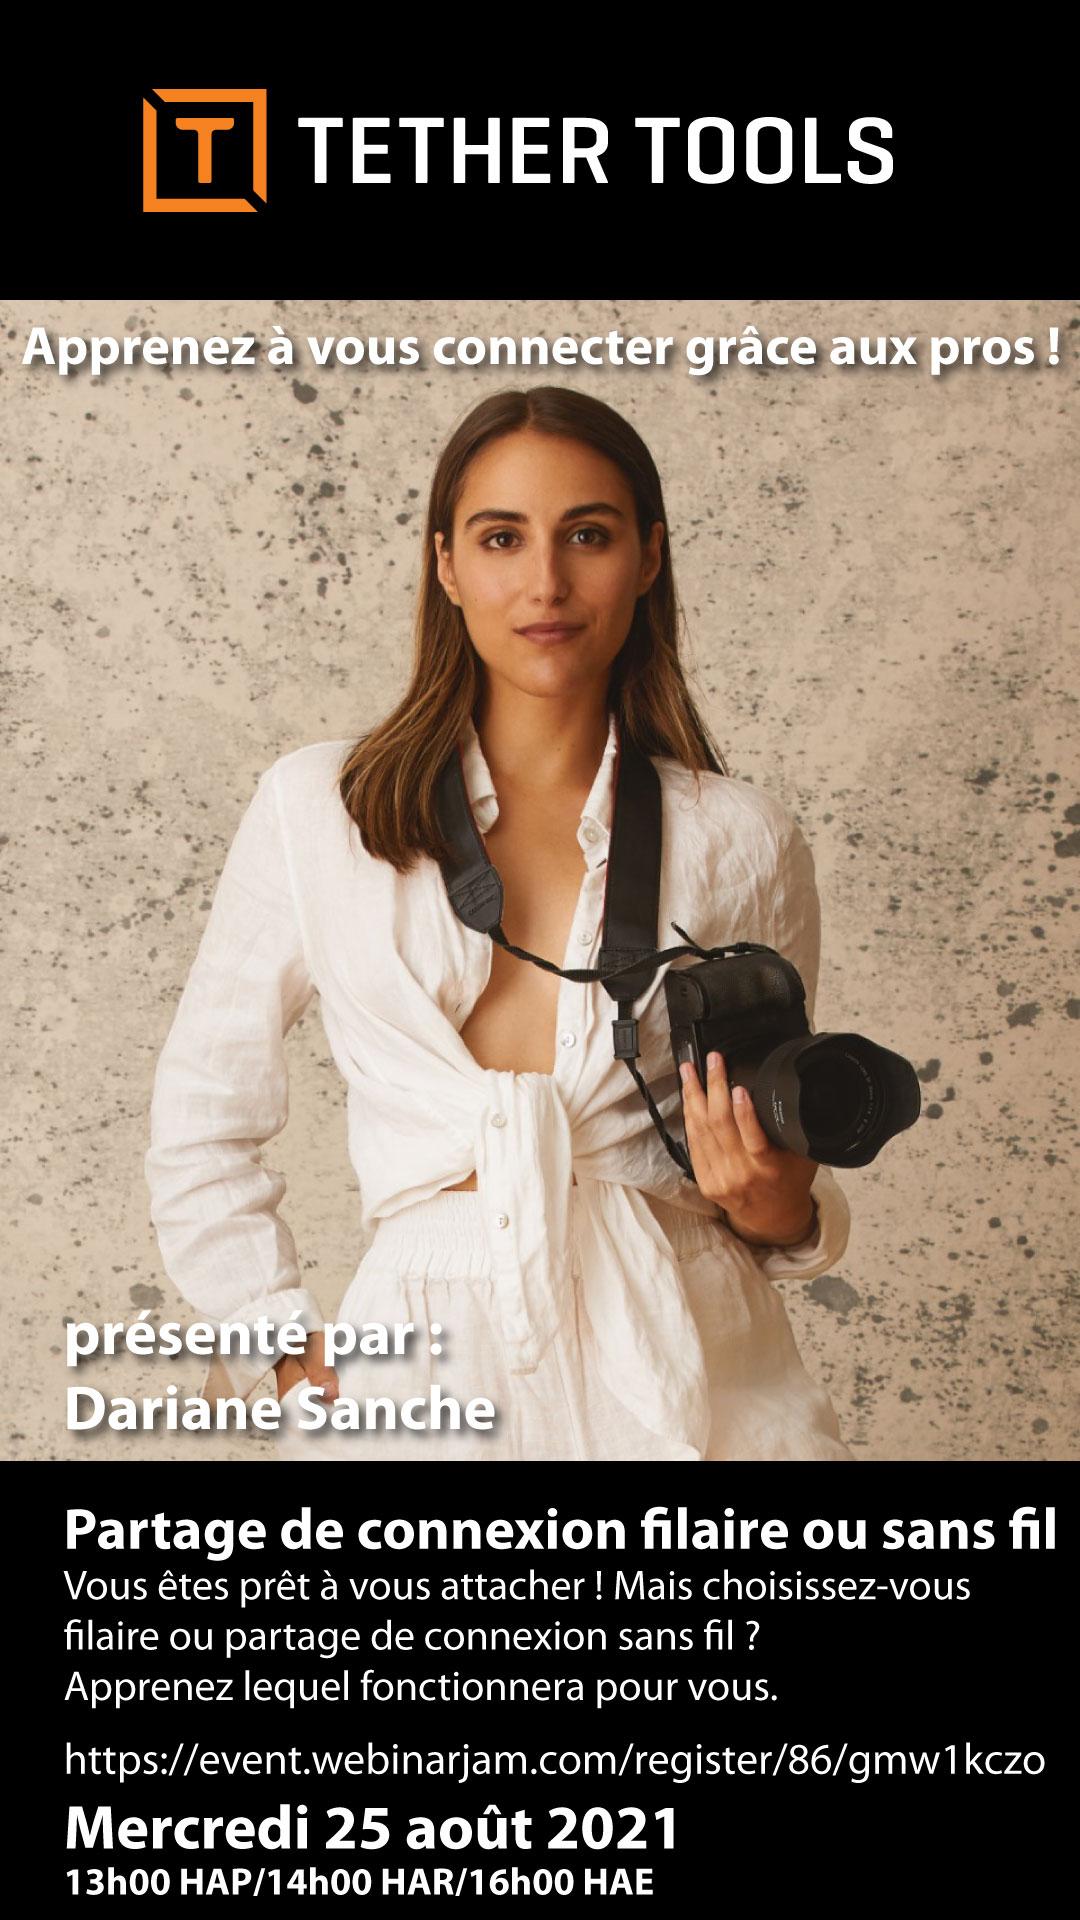 Dariane Sanche webinaire avec Tether tools partage de connexion filaire ou sans fil